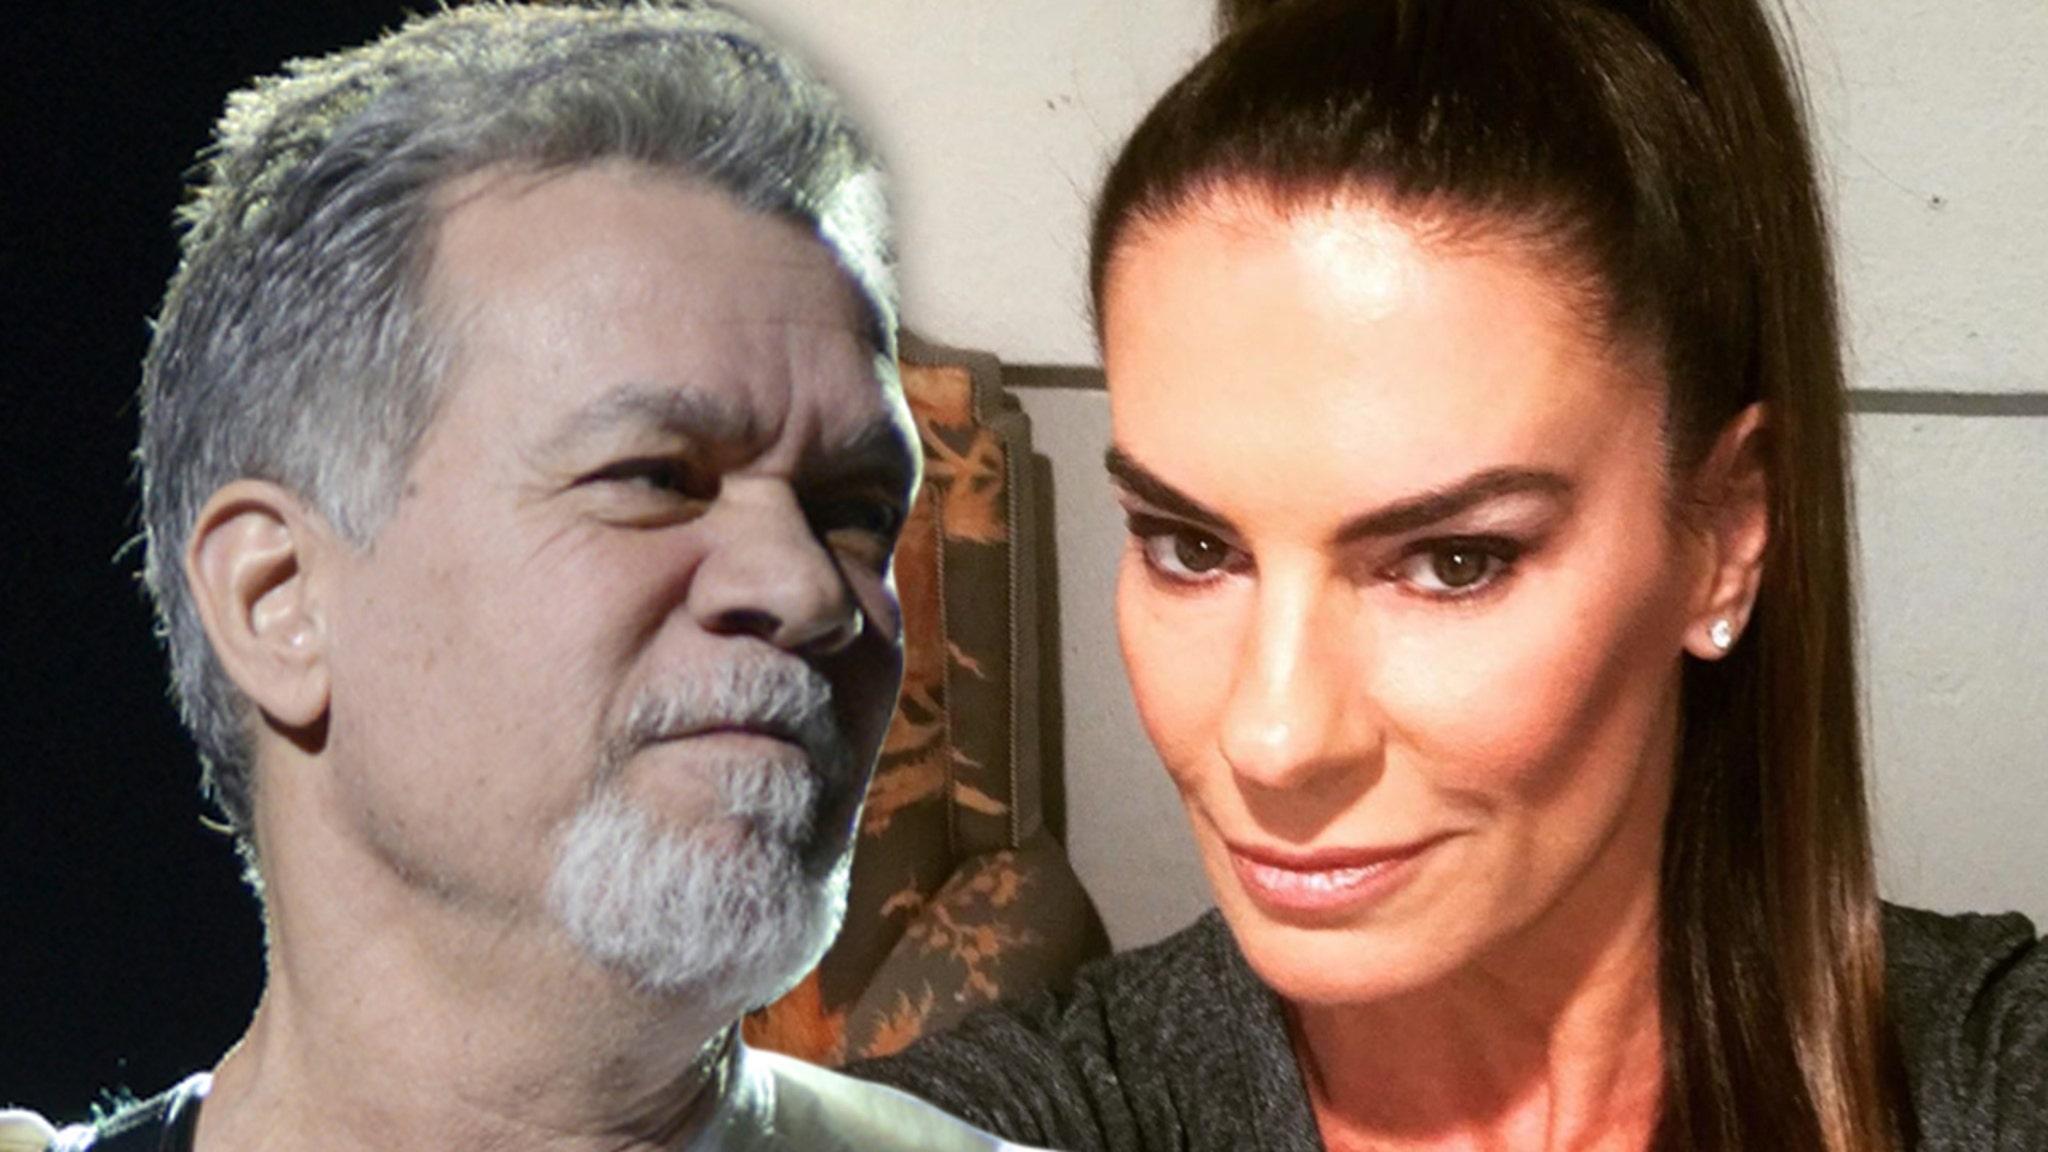 Eddie Van Halen Wife Janie Shattered By Death Rock World Mourns Too